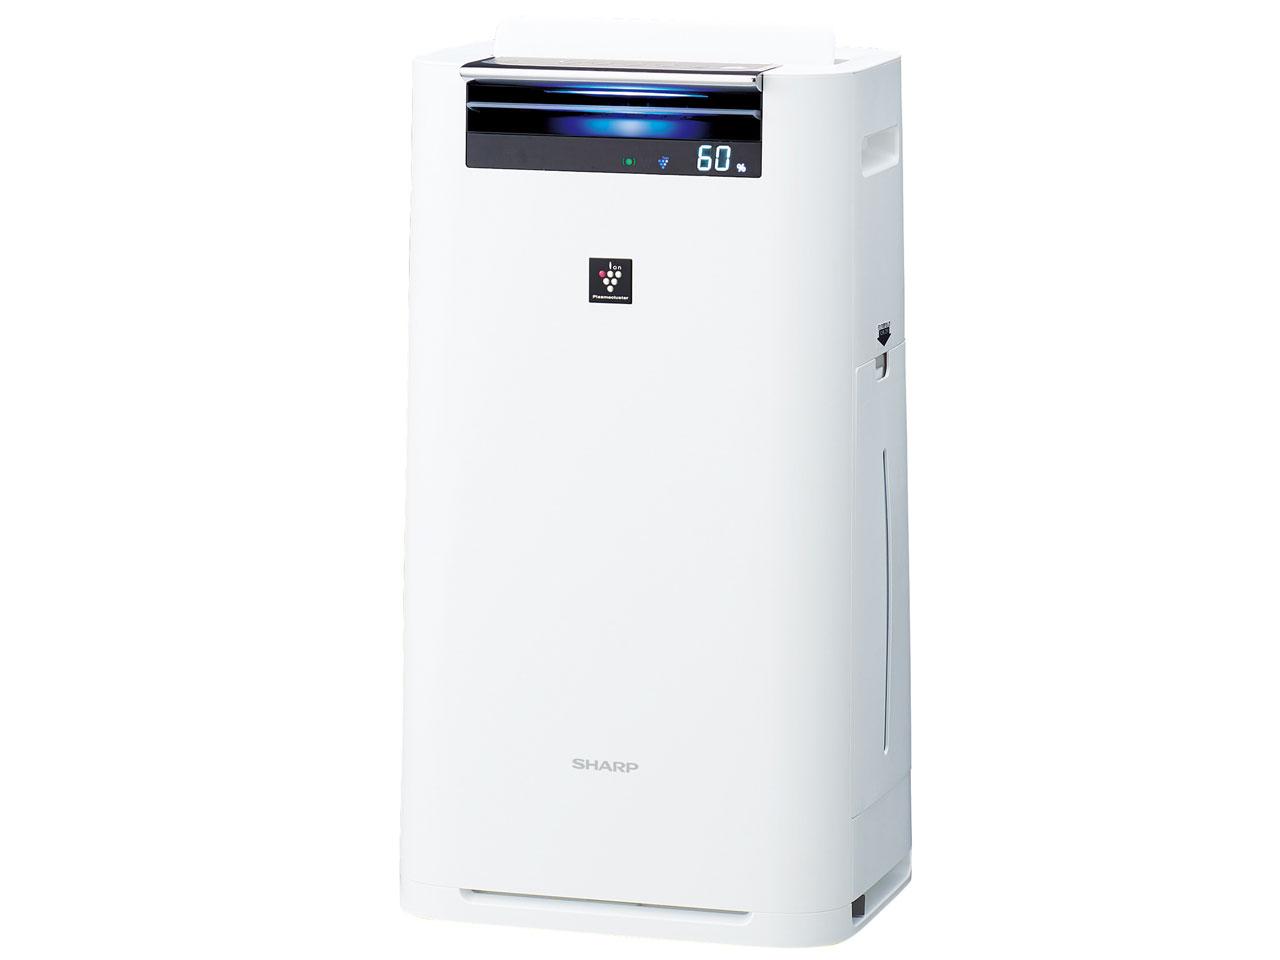 KI-GS50-W [ホワイト系] の製品画像